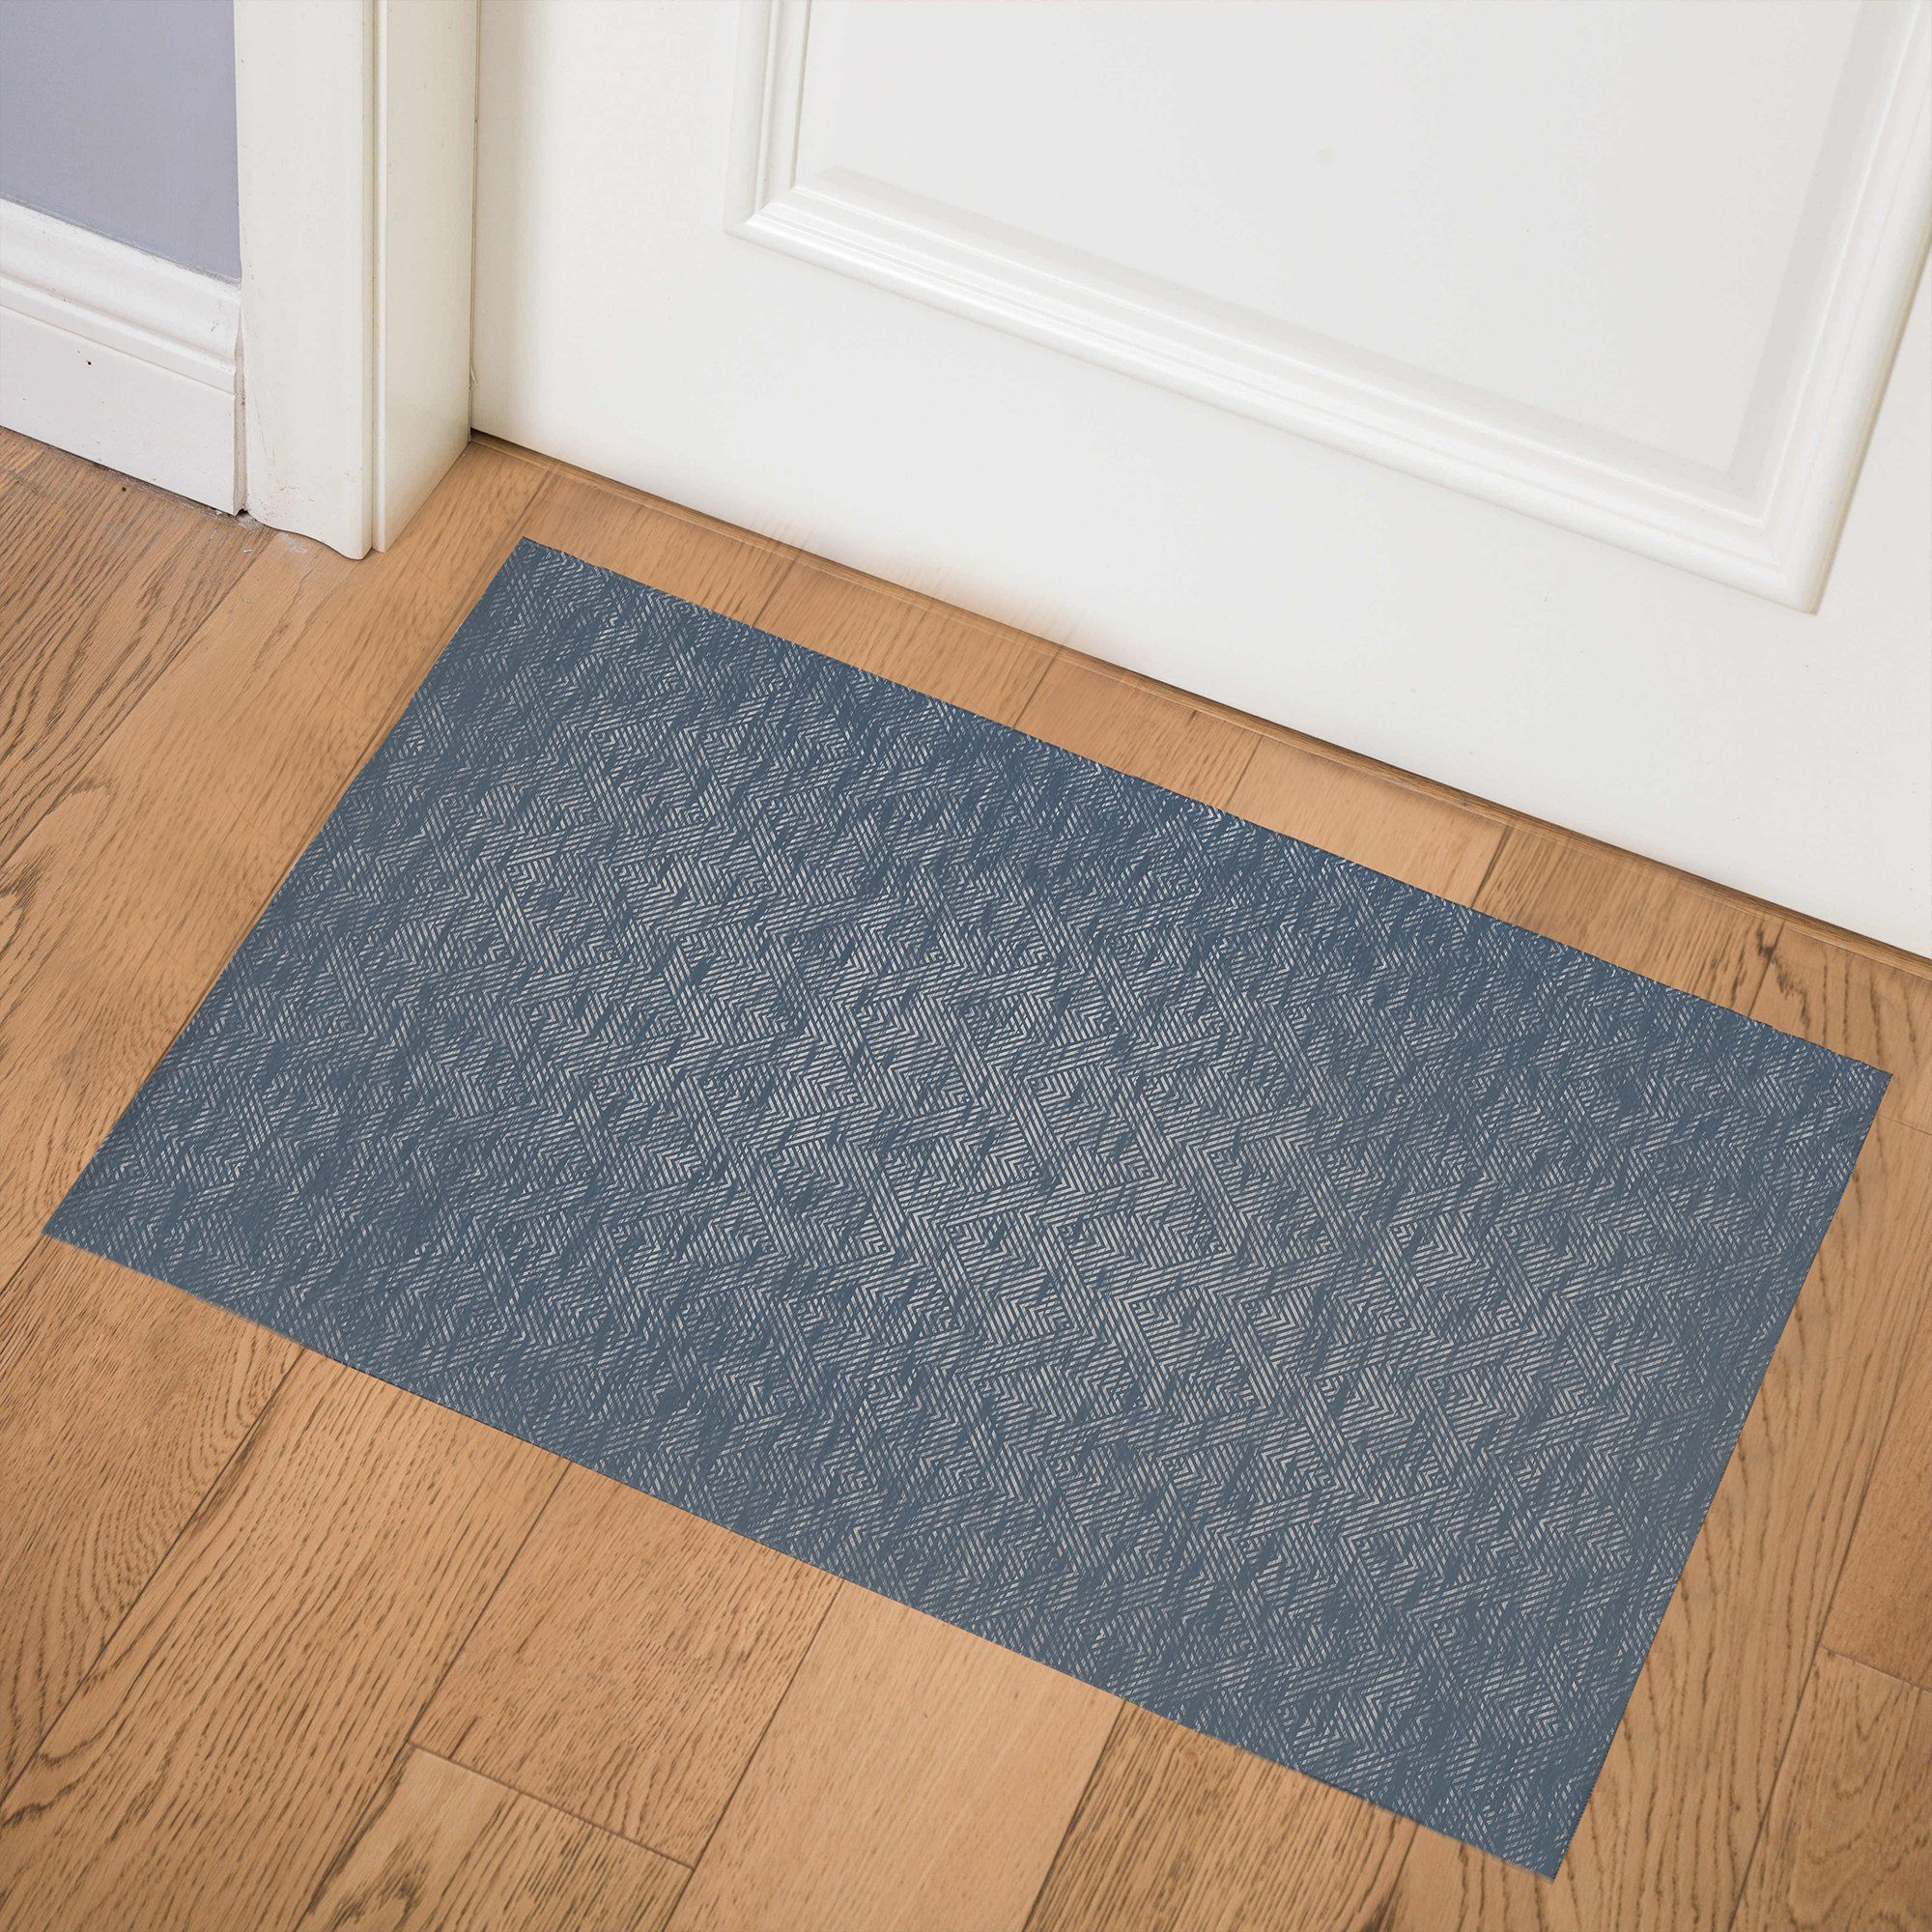 Photo of ZELDA BLUE Indoor Floor Mat By Kavka Designs – 3ft x 5ft